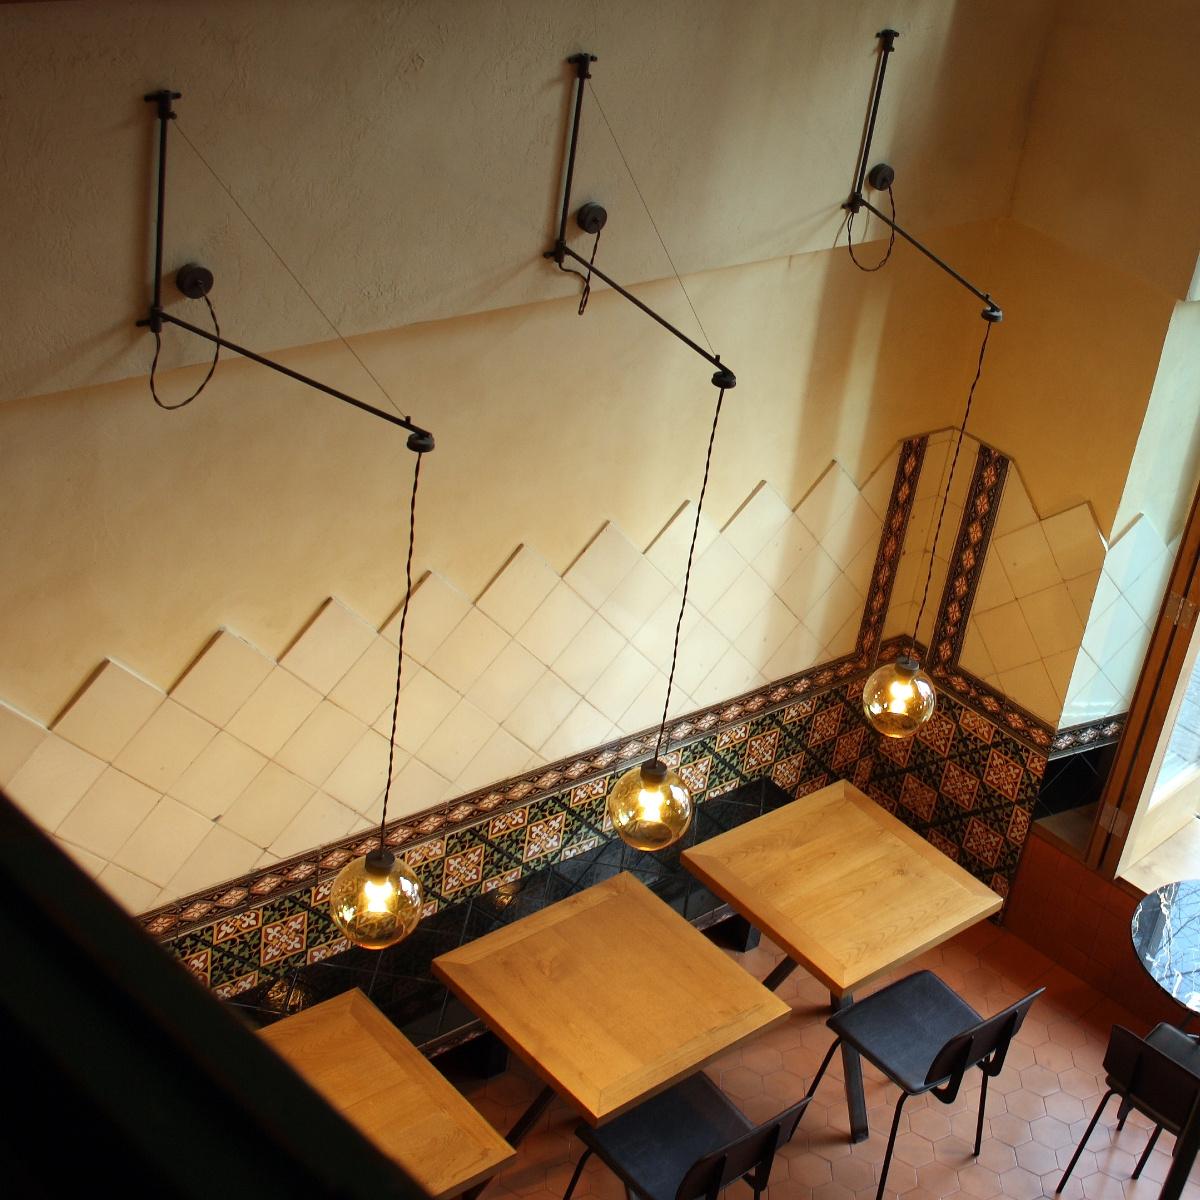 tiefe wandleuchte mit kugelglasschirm zur raumbeleuchtung und als tischleuchte. Black Bedroom Furniture Sets. Home Design Ideas